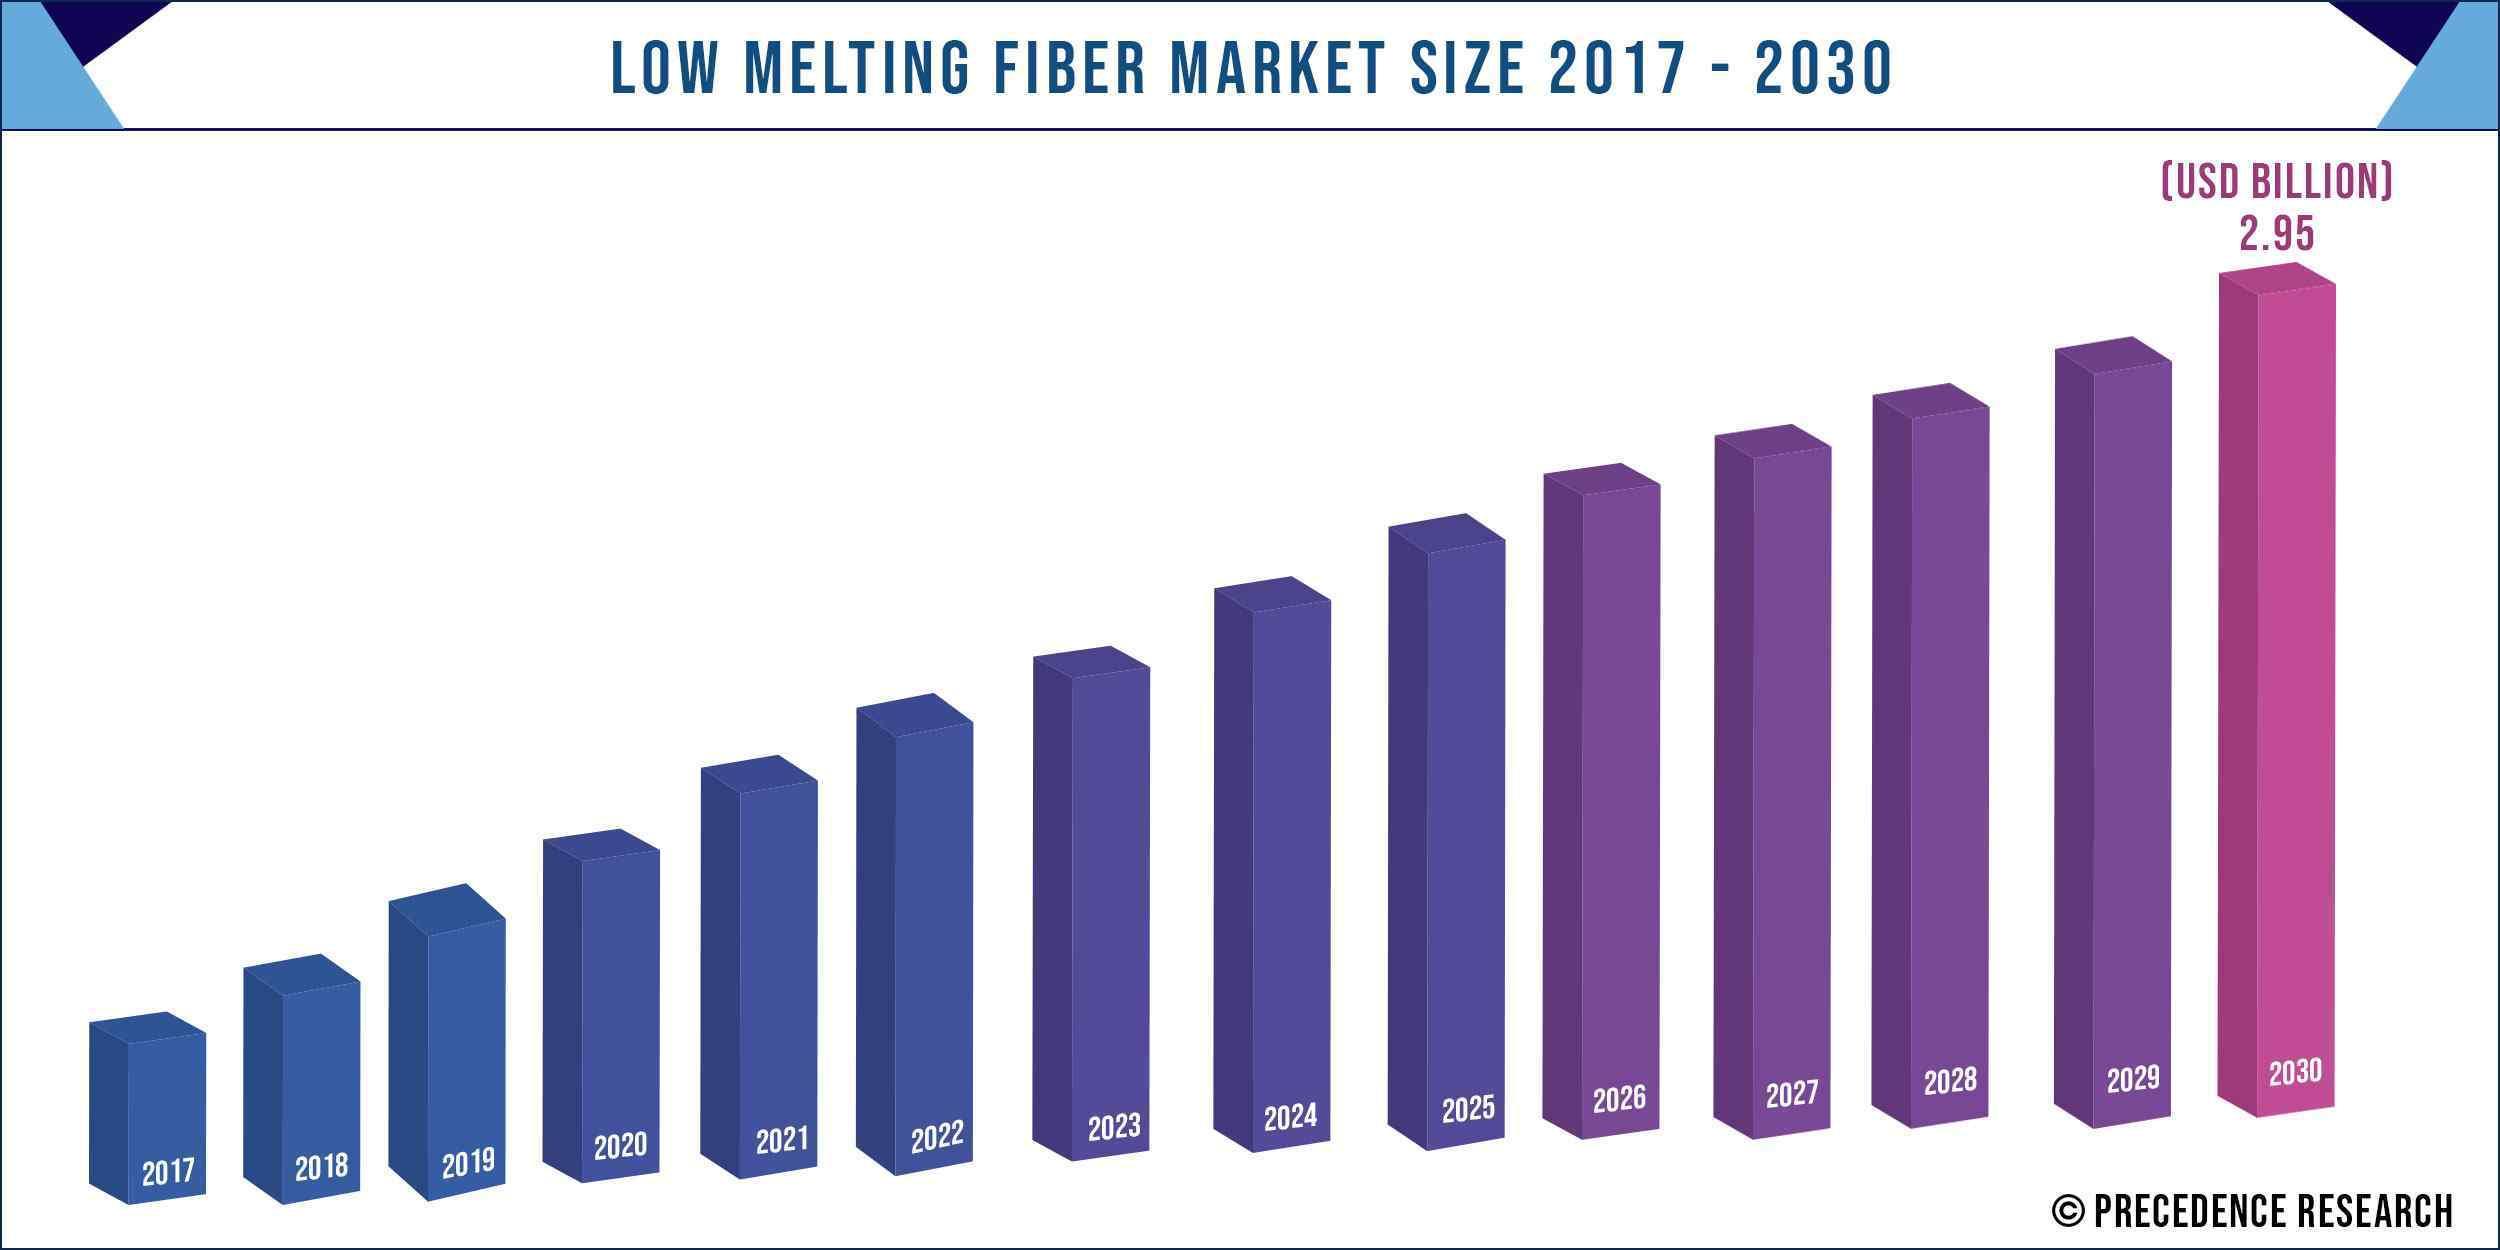 Low Melting Fiber Market Size 2017-2030